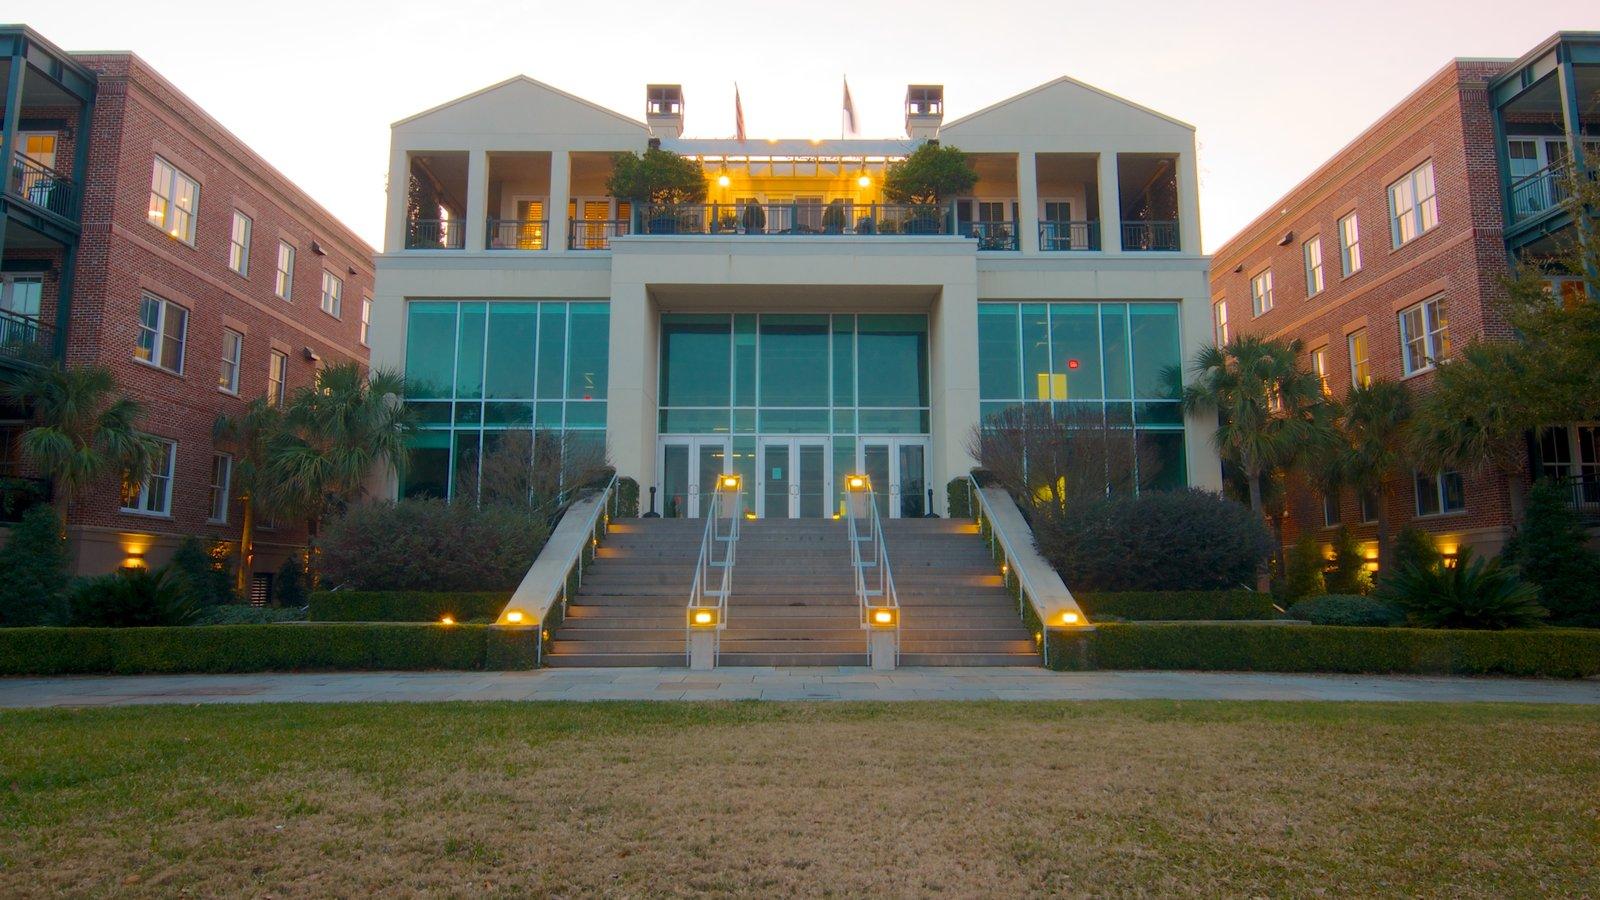 Charleston Waterfront Park caracterizando uma cidade